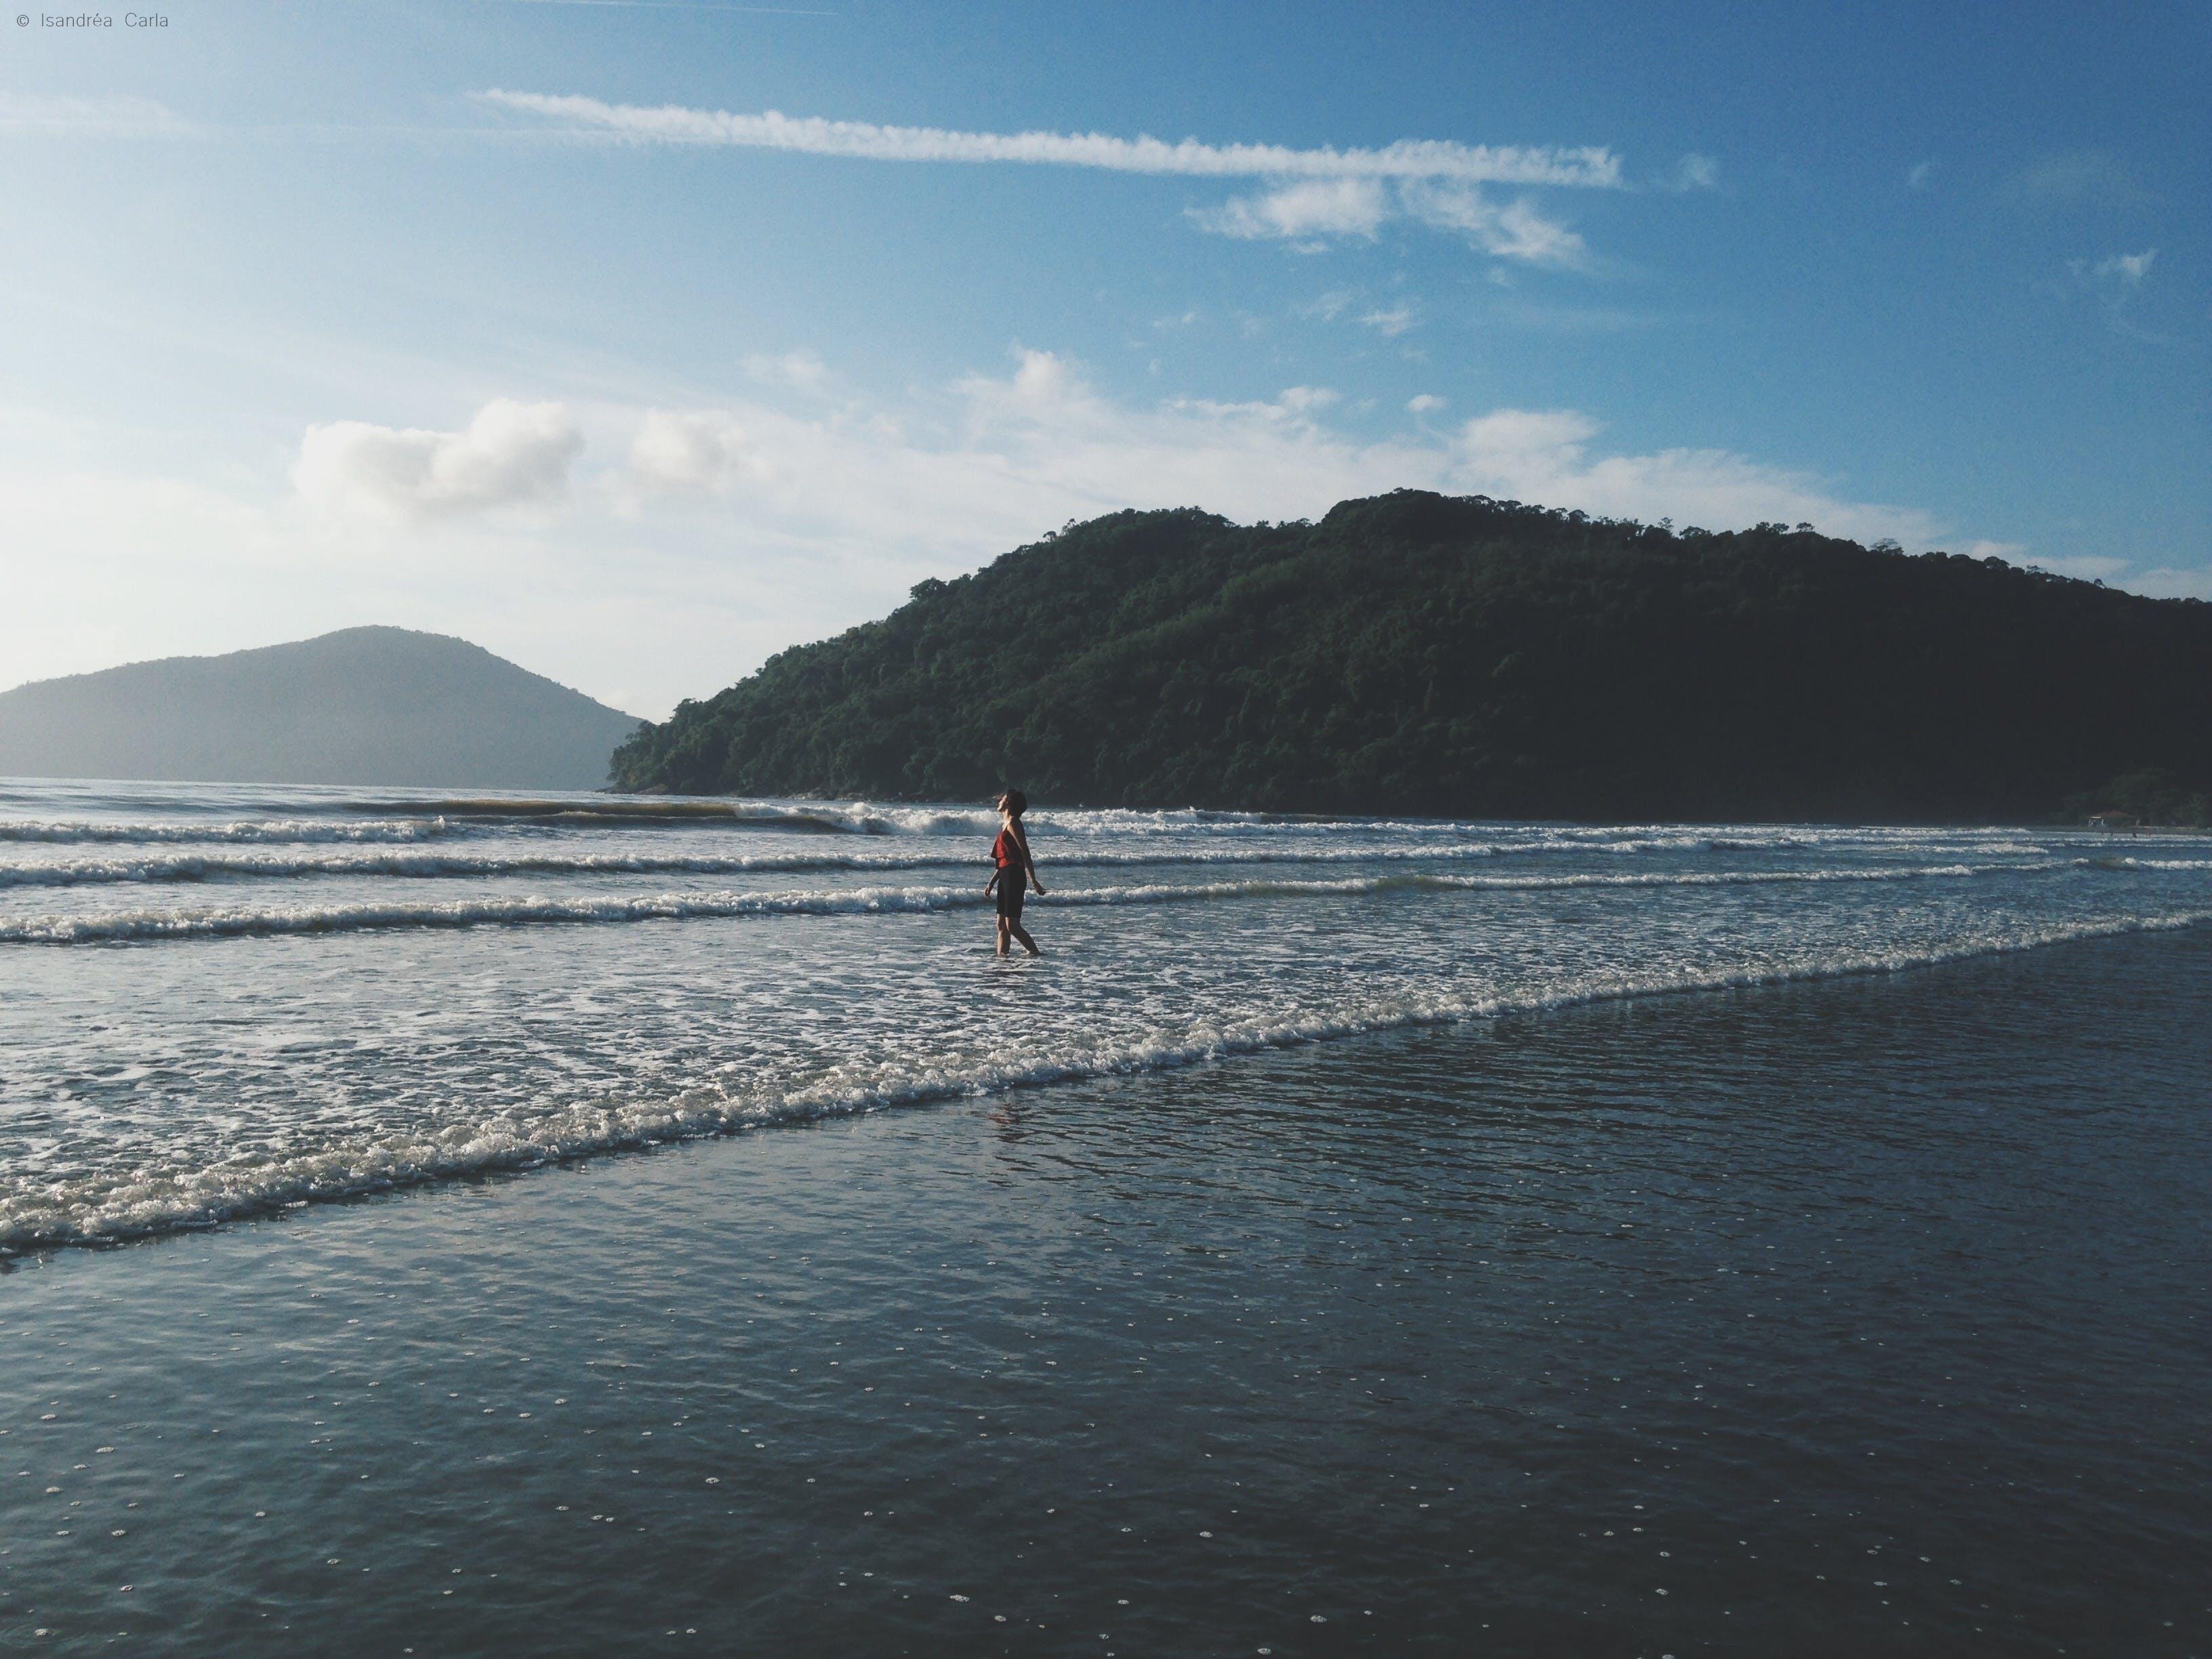 Δωρεάν στοκ φωτογραφιών με #mobilechallenge, #models, #outdoorchallenge, #θάλασσα